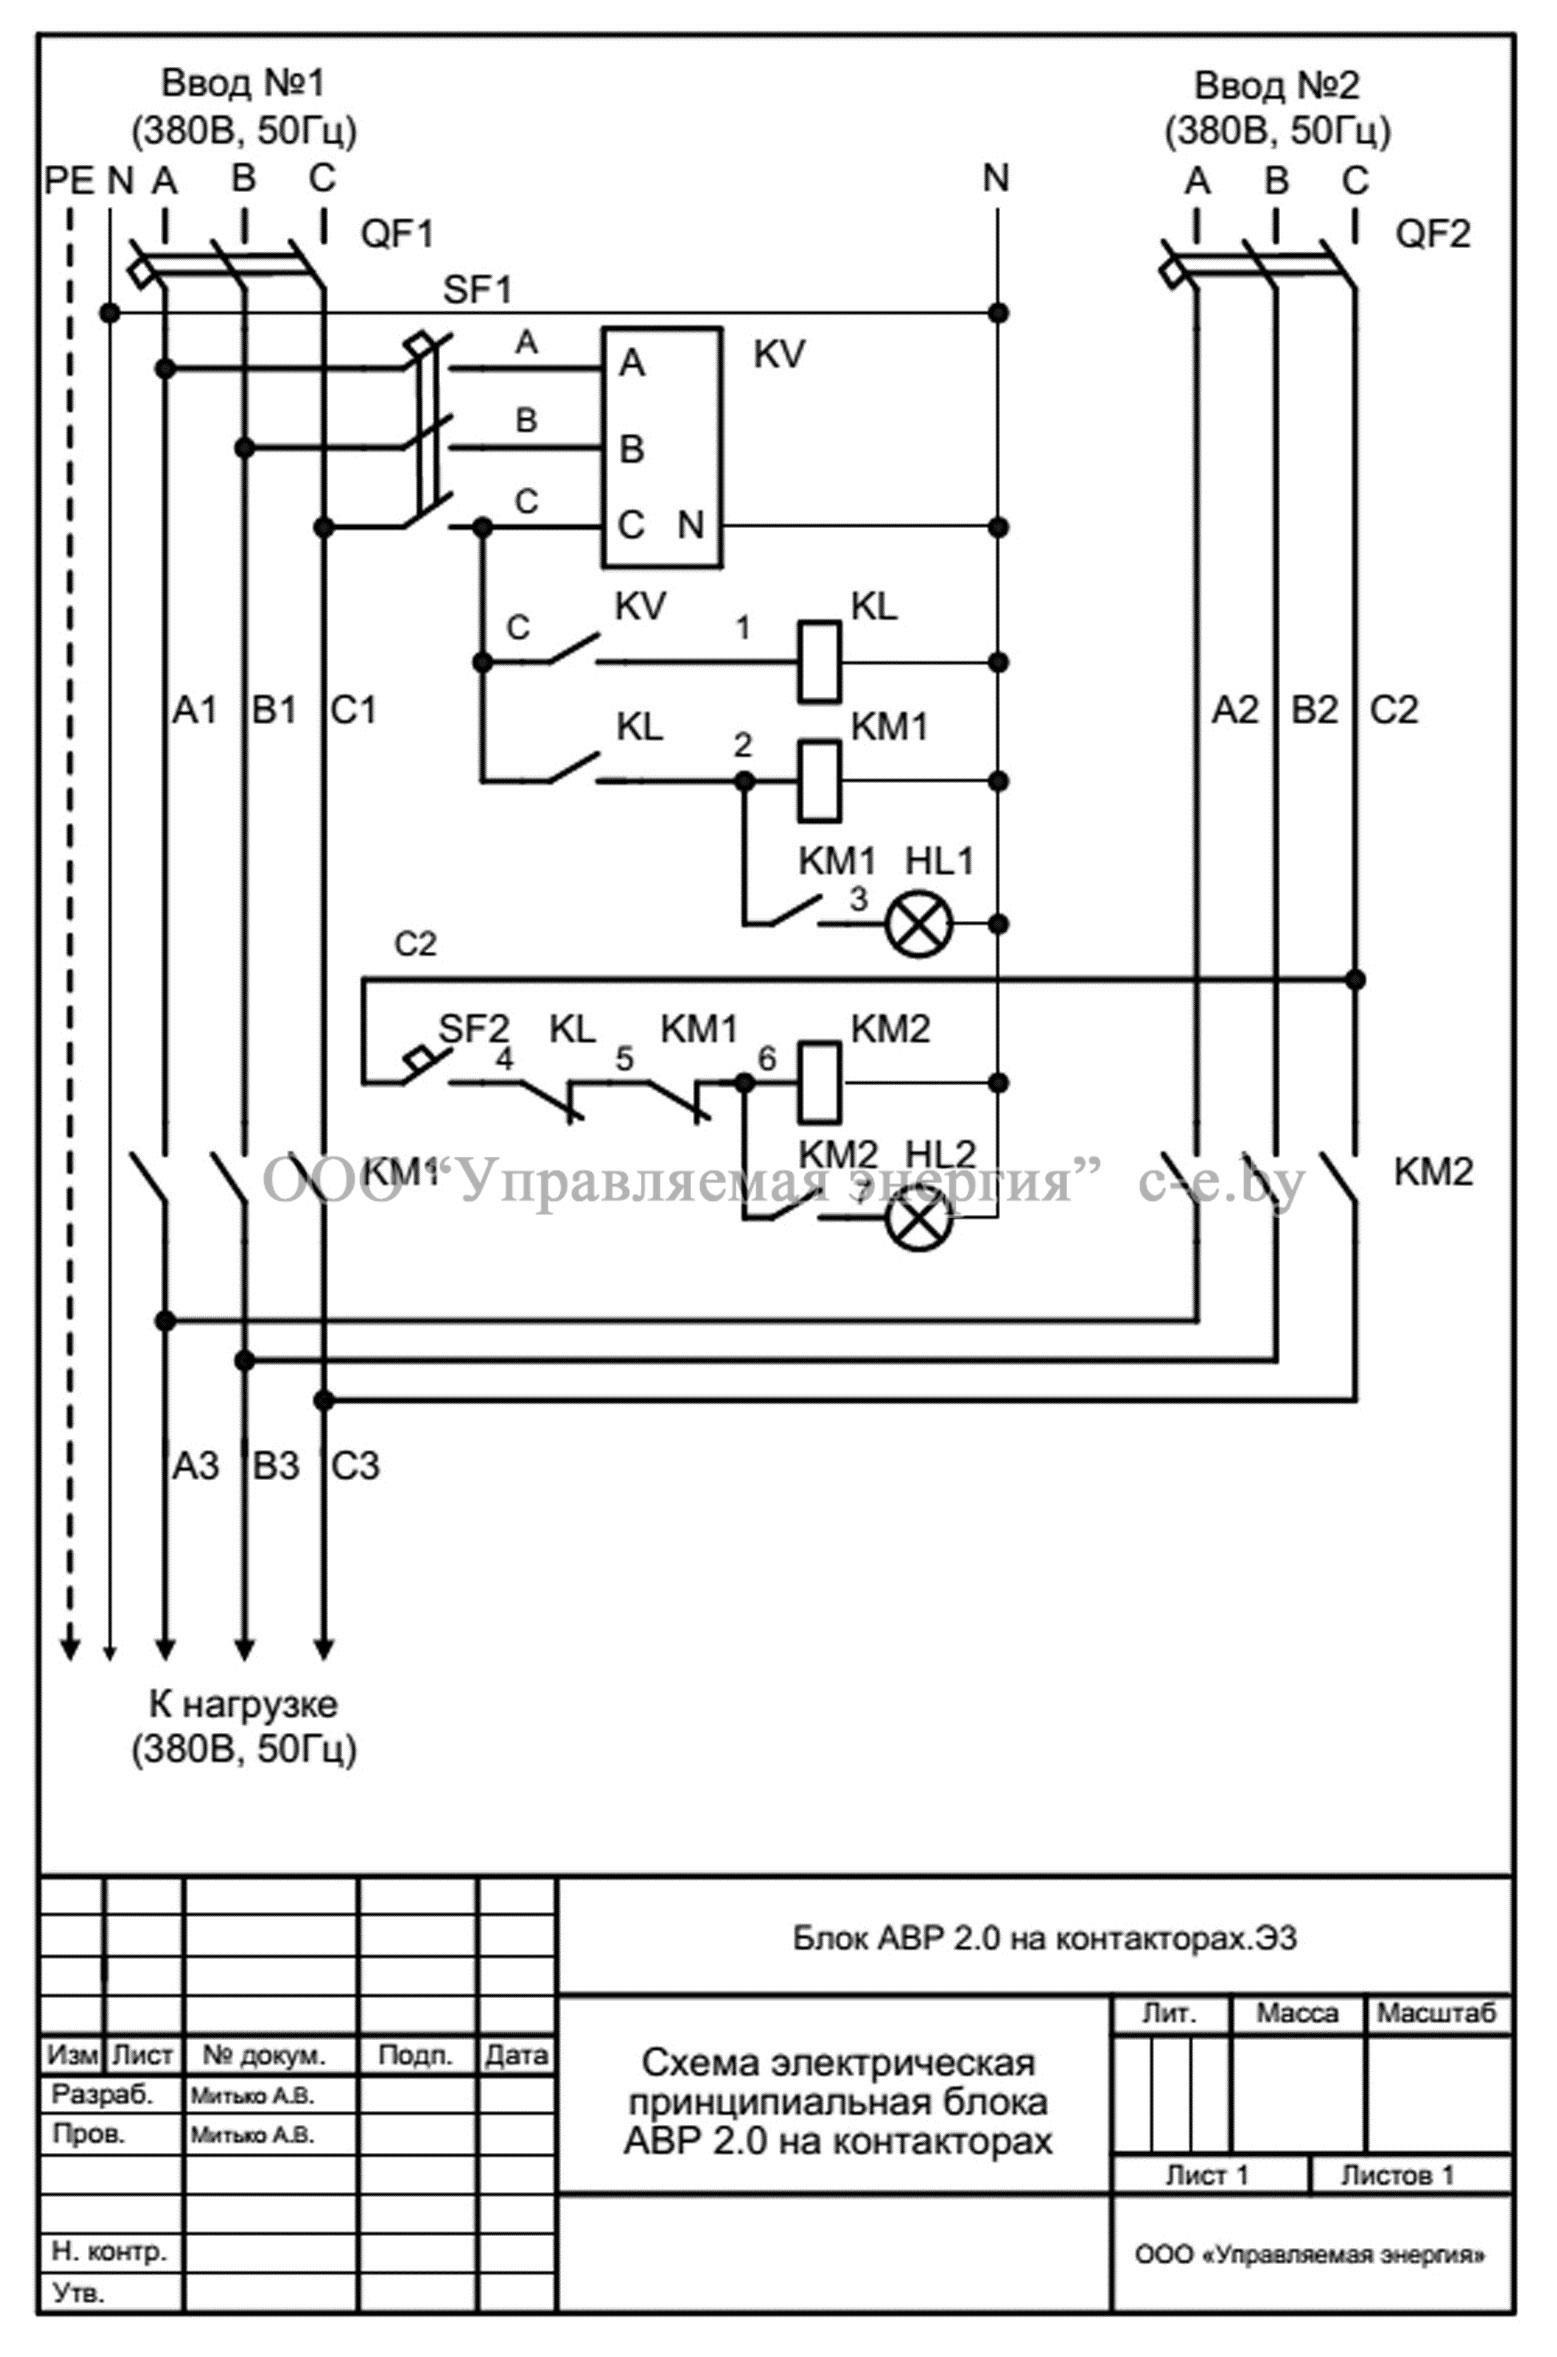 Схема электрическая принципиальная блока АВР 2.0 на контакторах